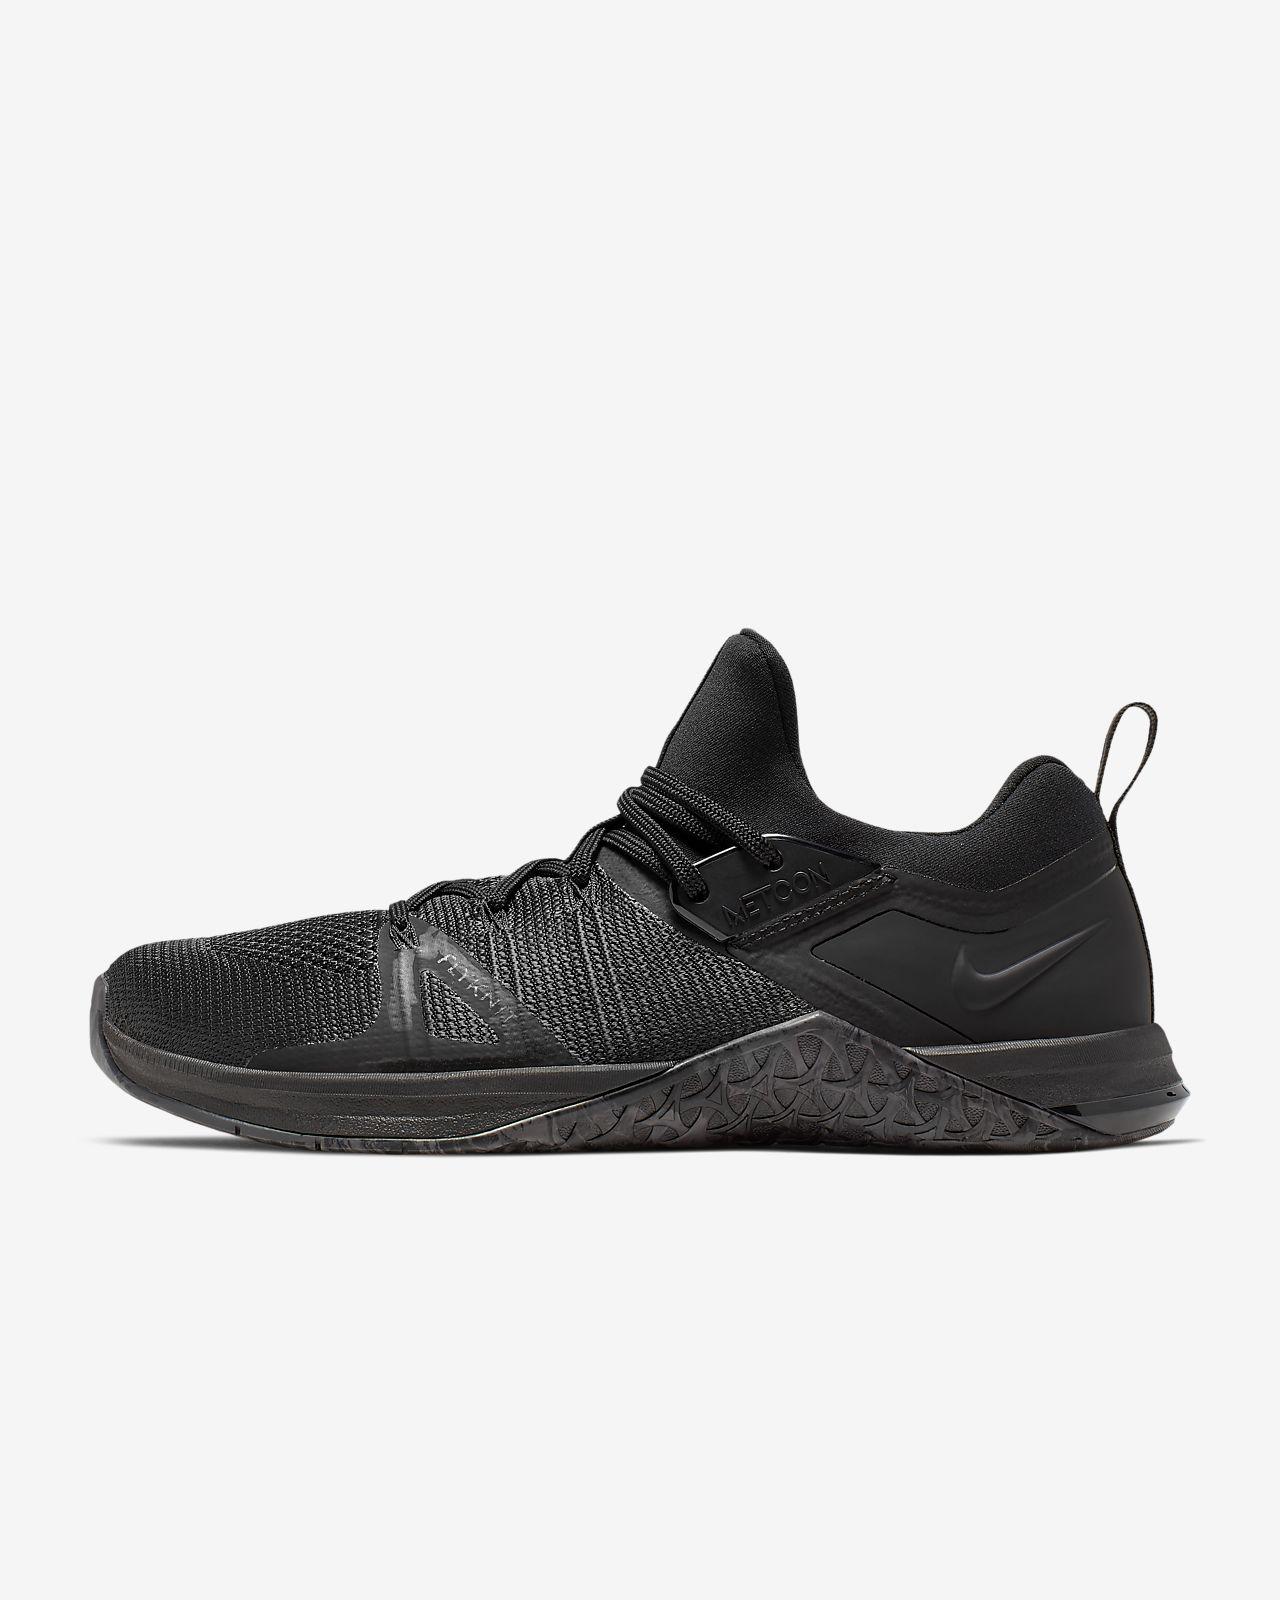 Para estrenar 5826a 67bdc Nike Metcon Flyknit 3 Zapatillas de cross training y levantamiento de pesas  - Hombre